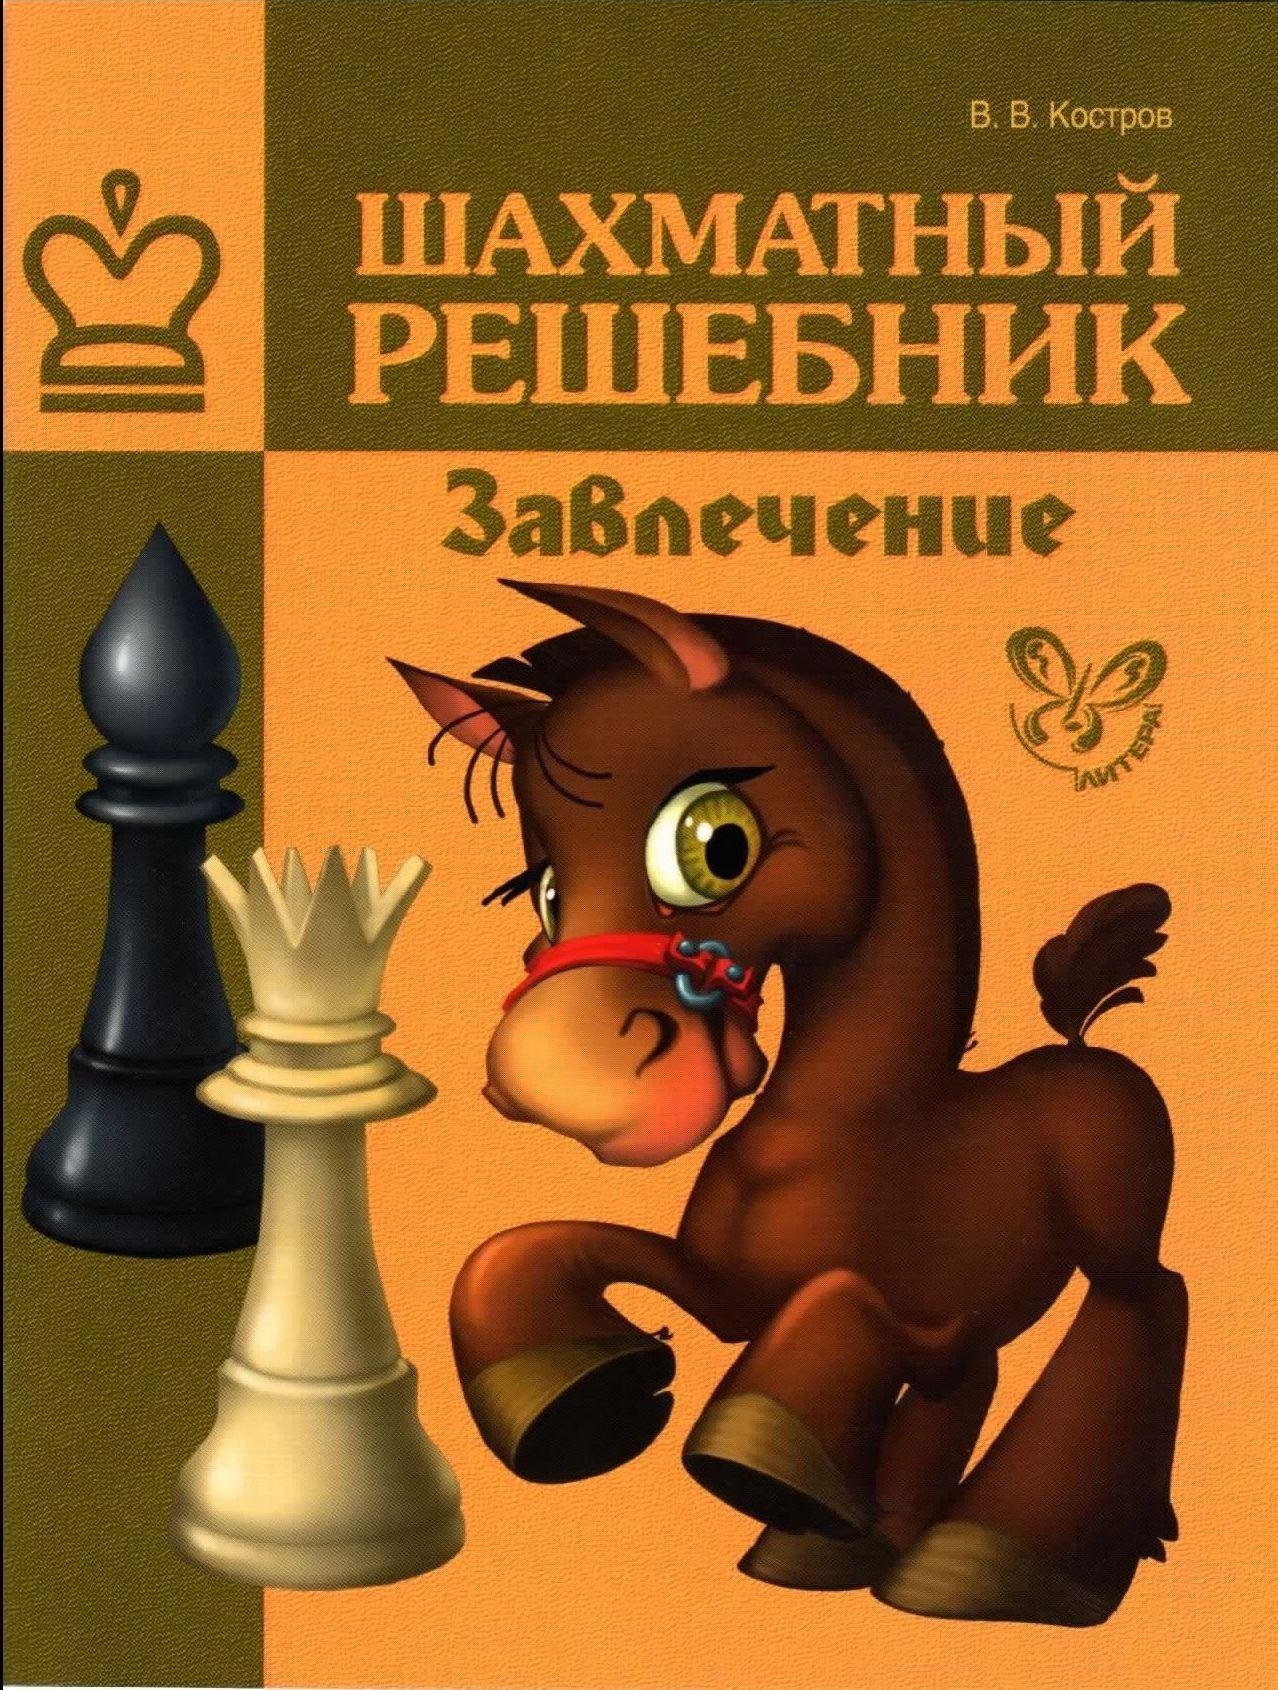 Сборник шахматных задач Завлечение